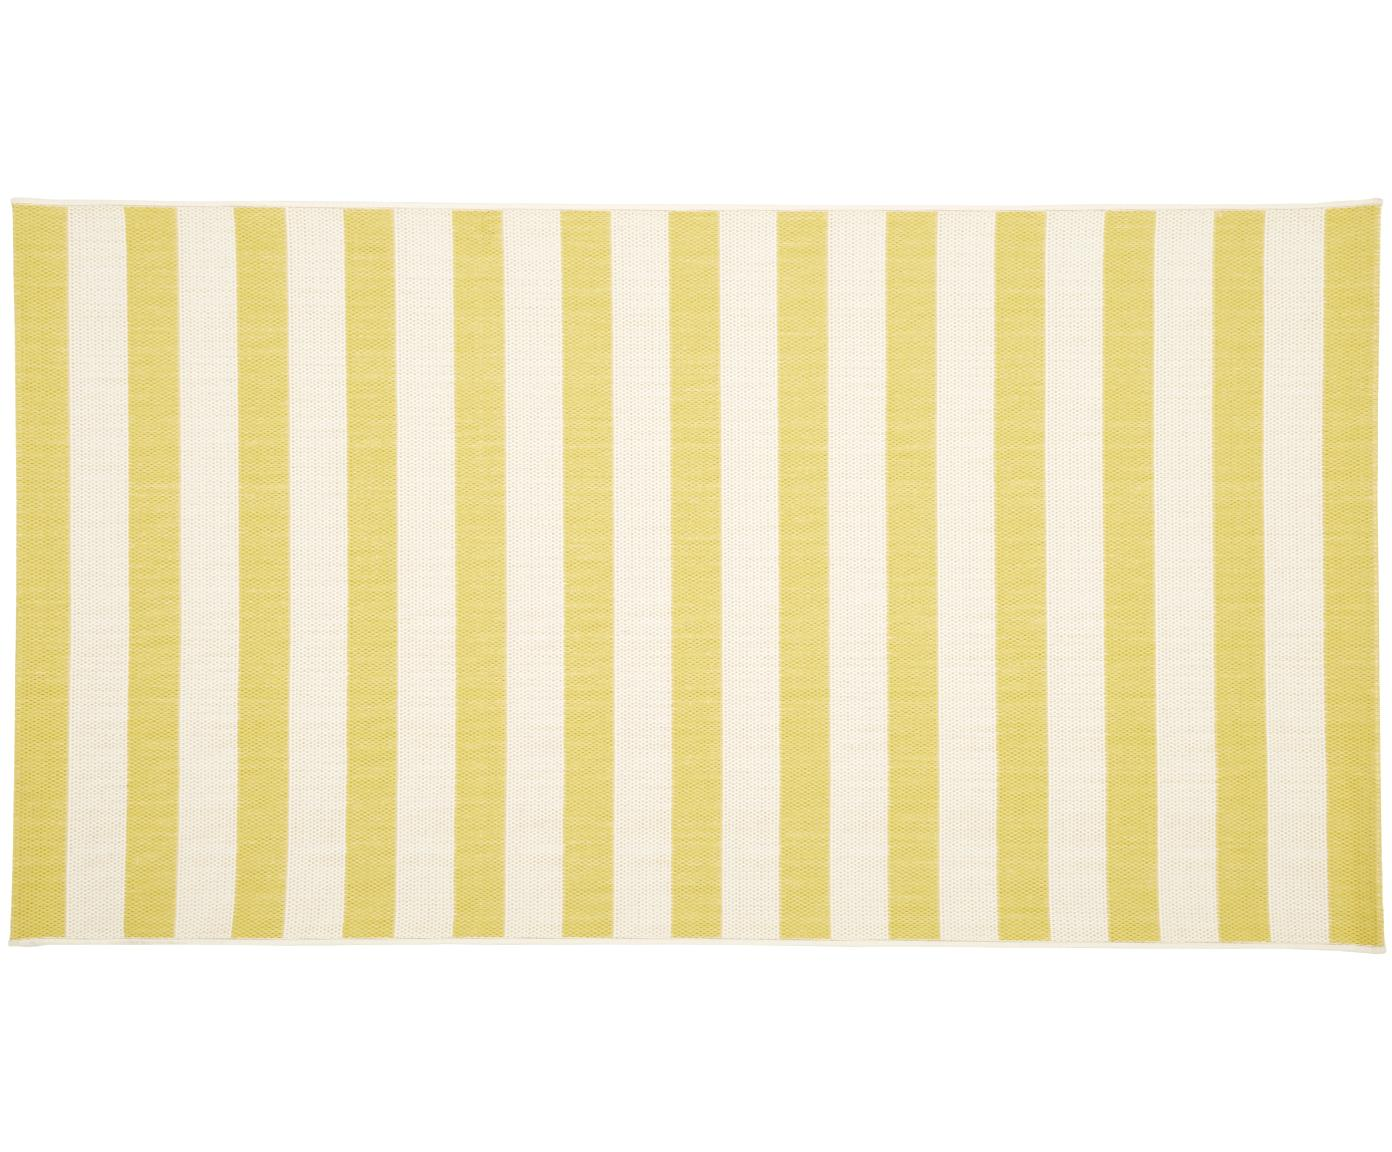 Gestreifter In- & Outdoor-Teppich Axa in Gelb/Weiß, Flor: 100% Polypropylen, Cremeweiß, Gelb, B 80 x L 150 cm (Größe XS)